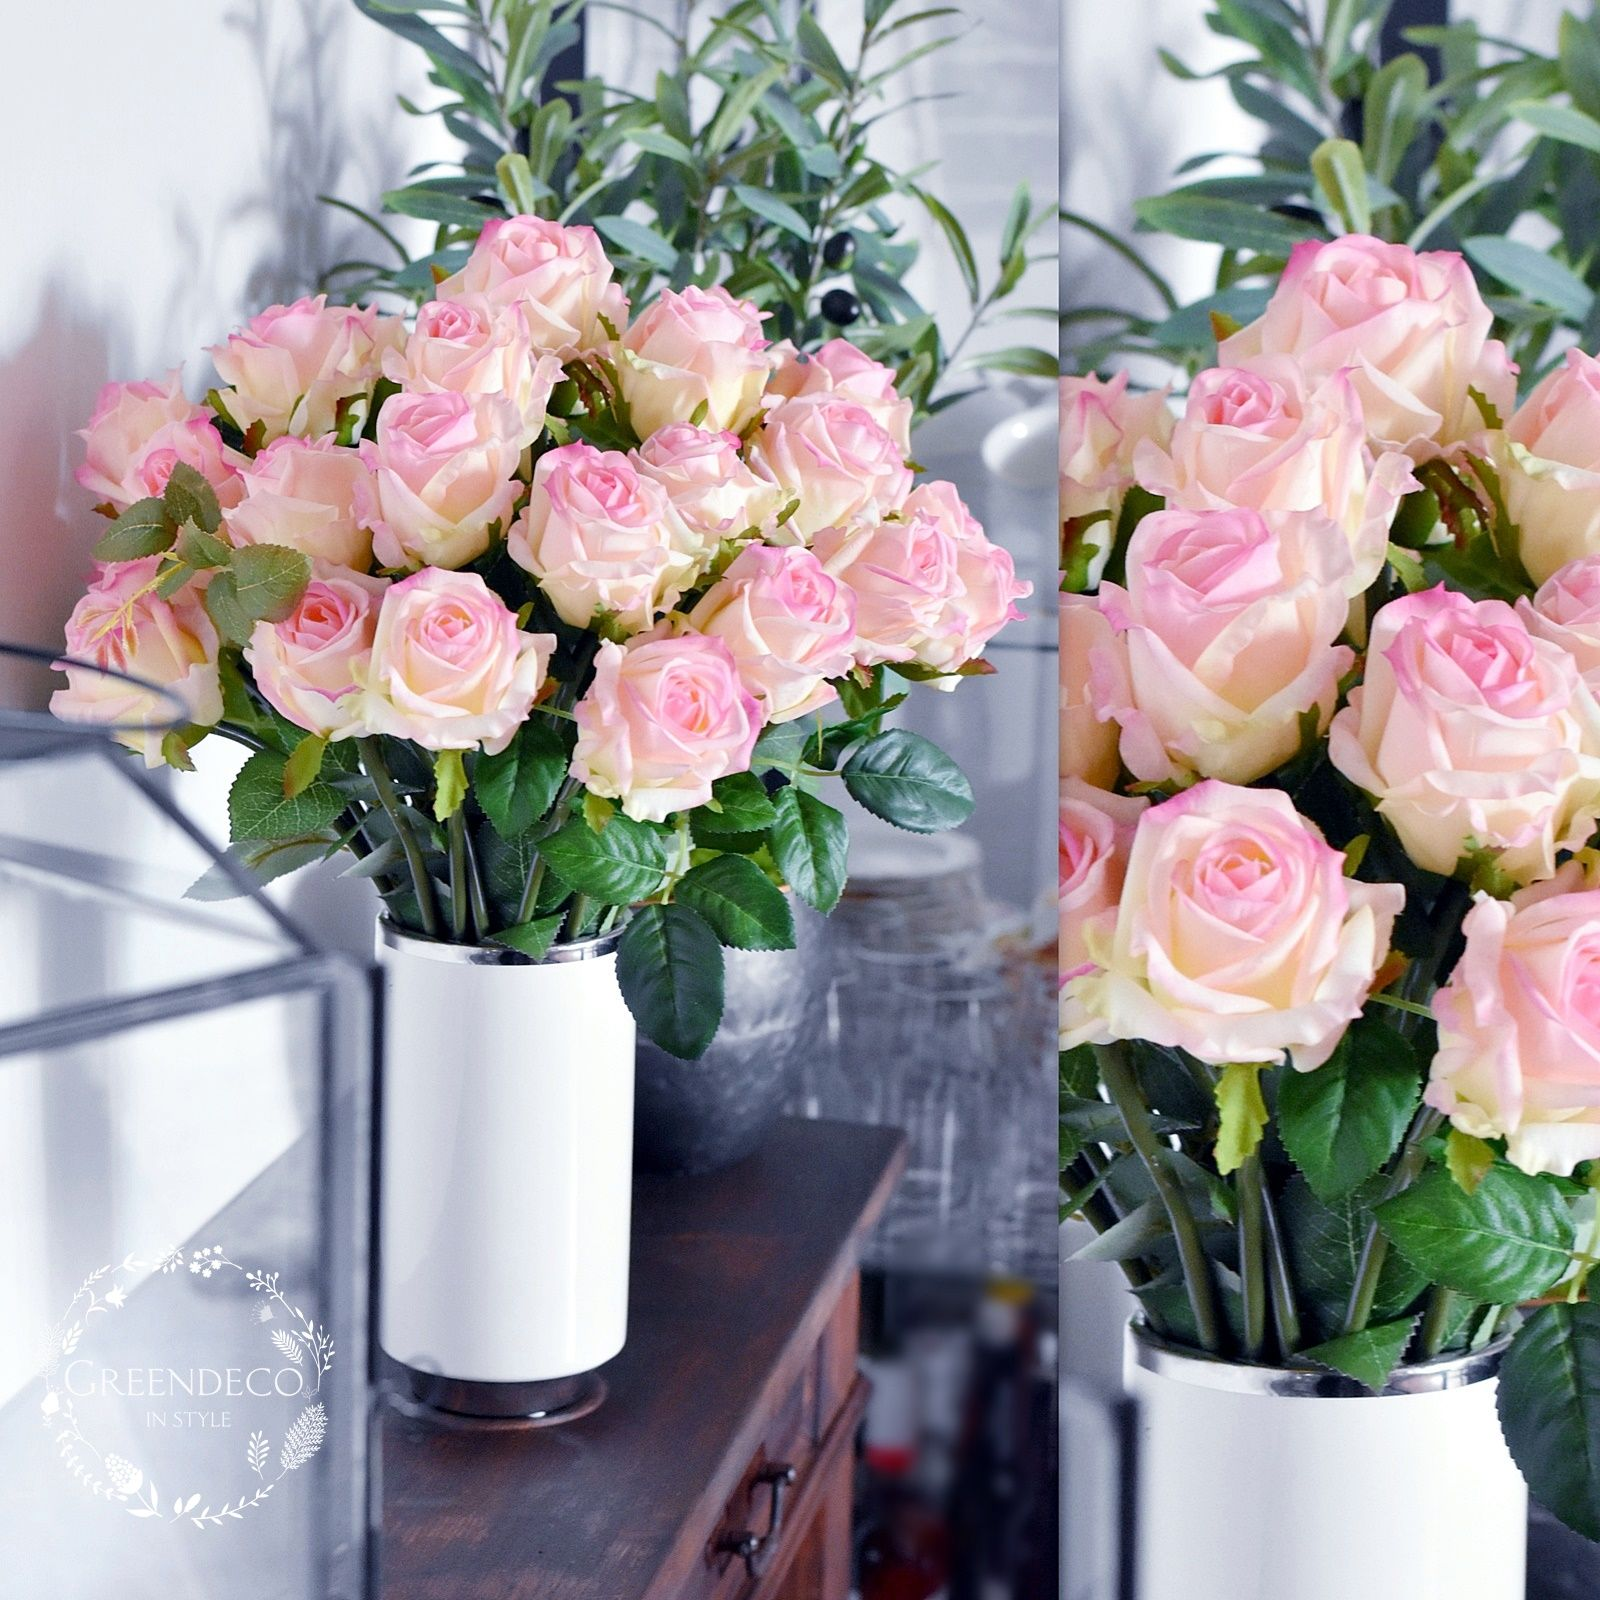 Bukiet Roz W Wazonie Kwiaty Silikonowe Glass Vase Table Decorations Decor